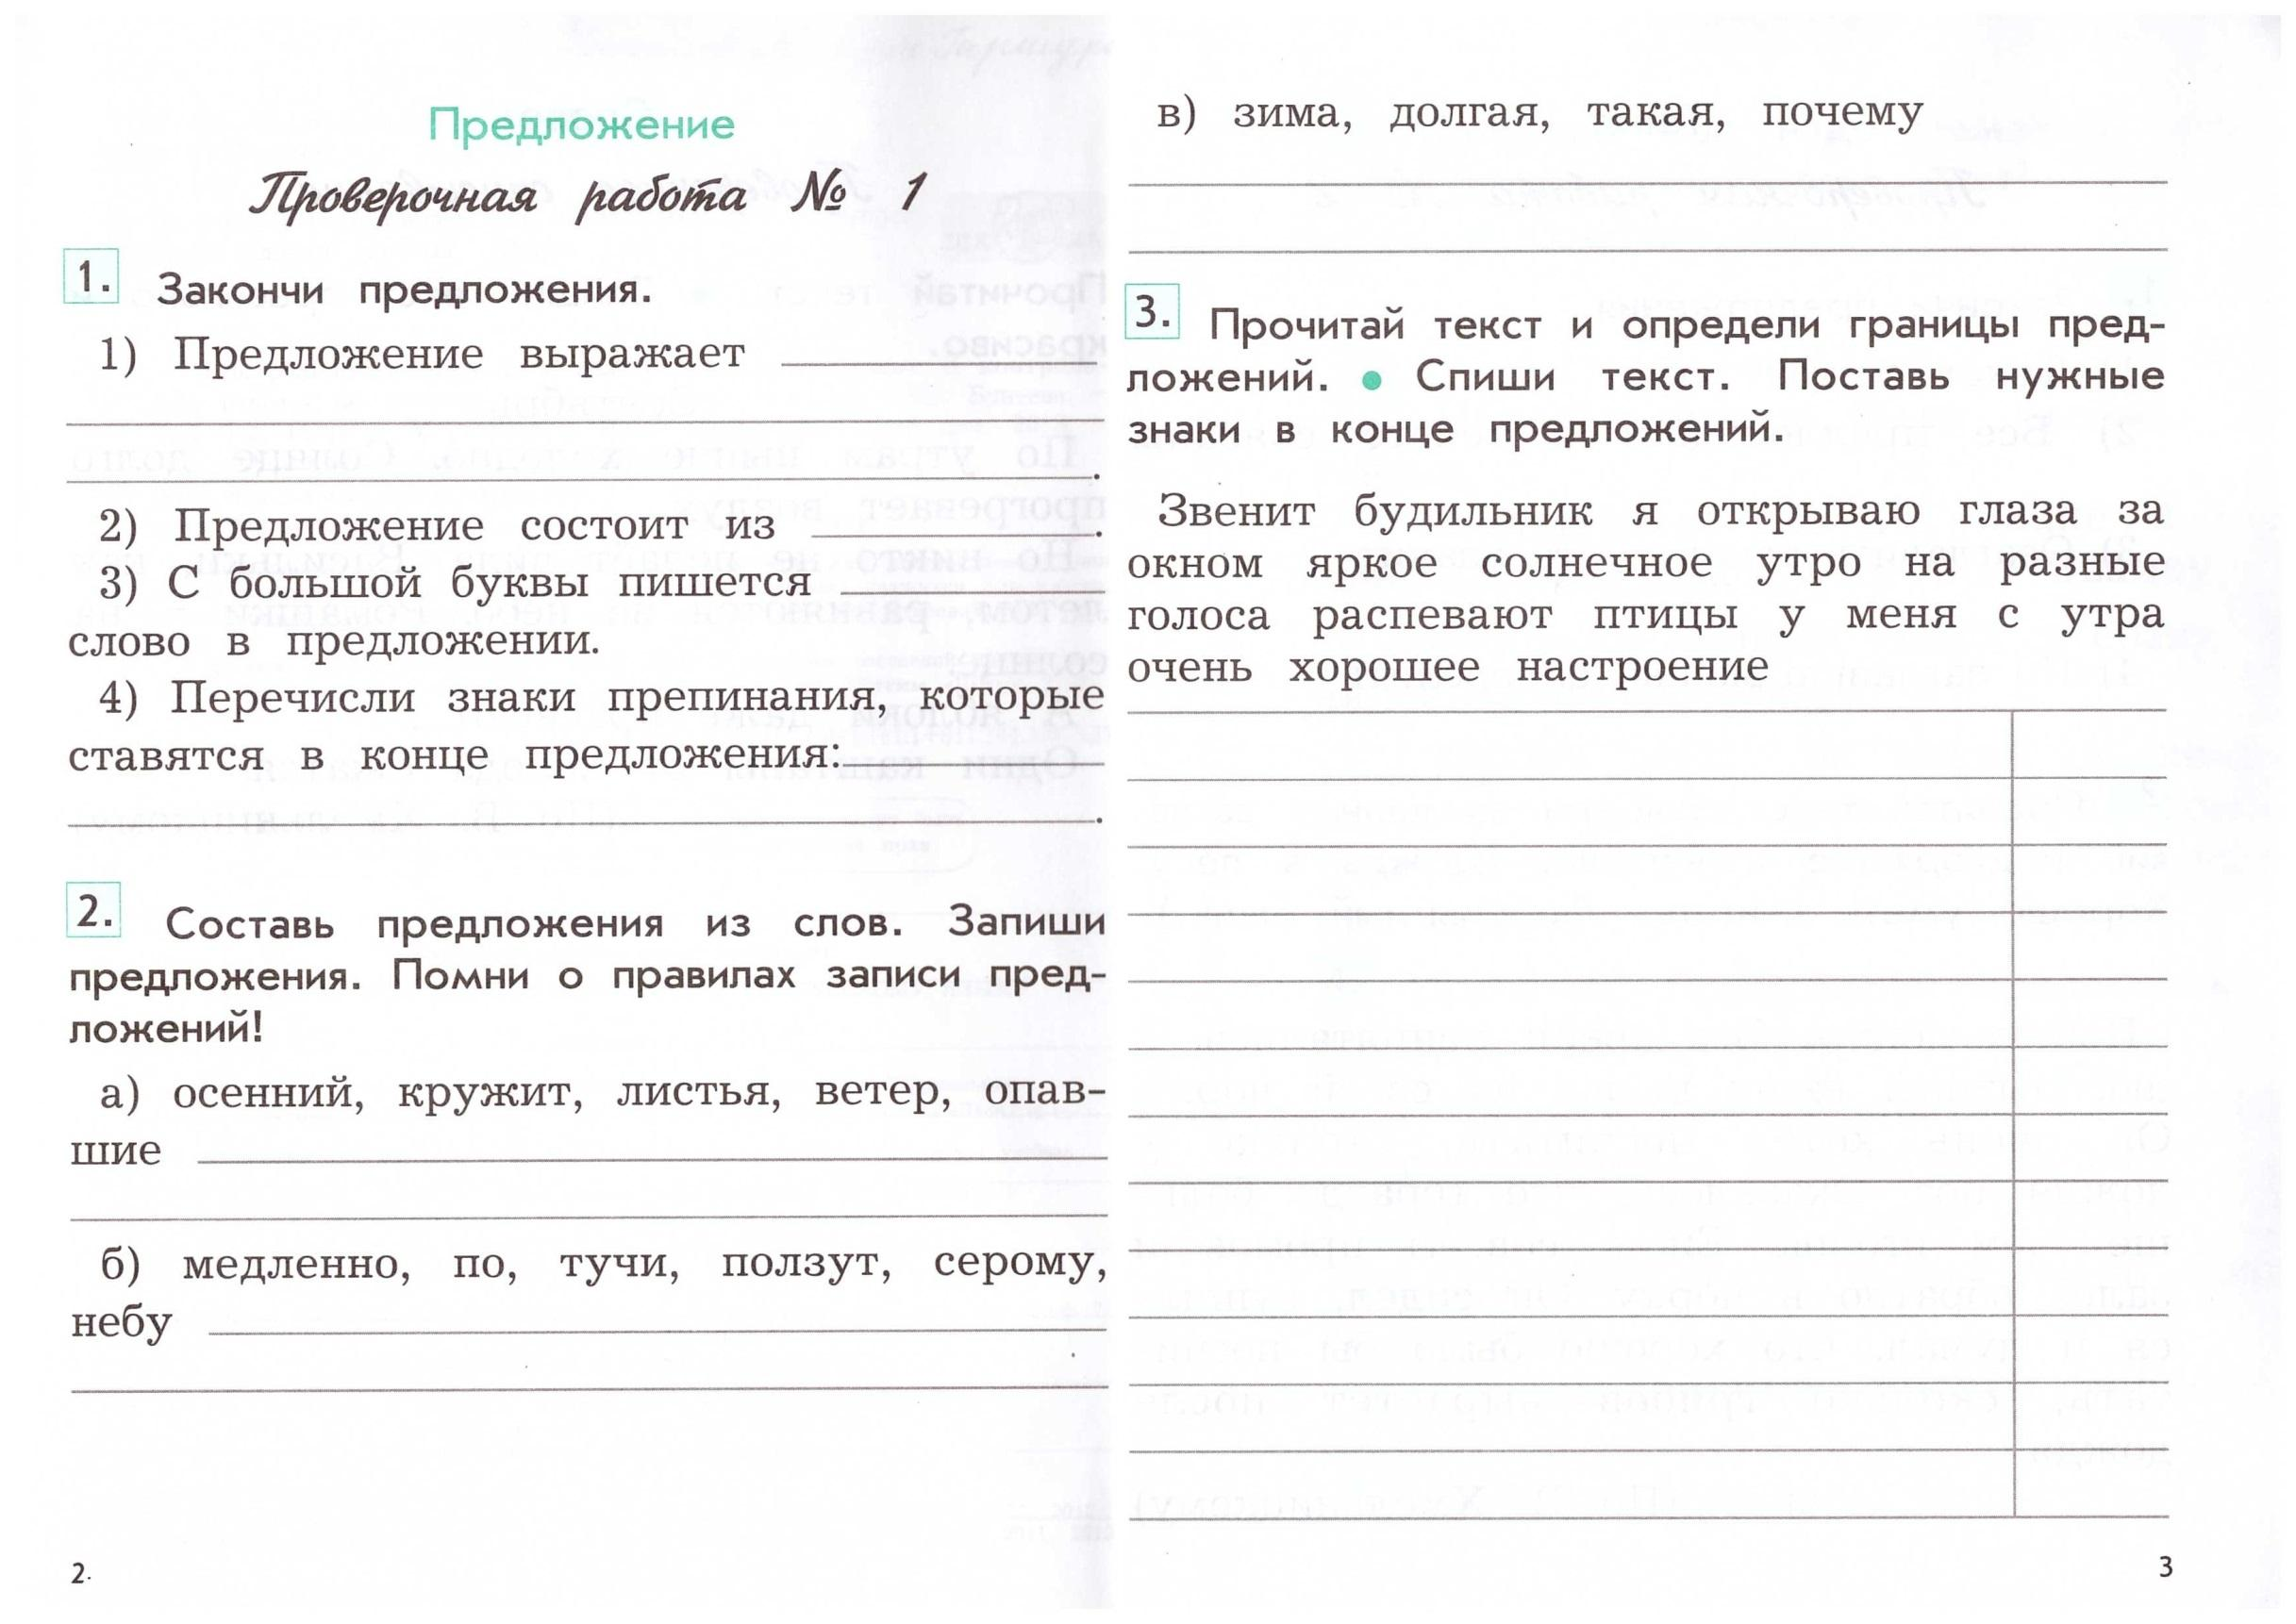 2 кл контрольная работа по русскому языку 4737